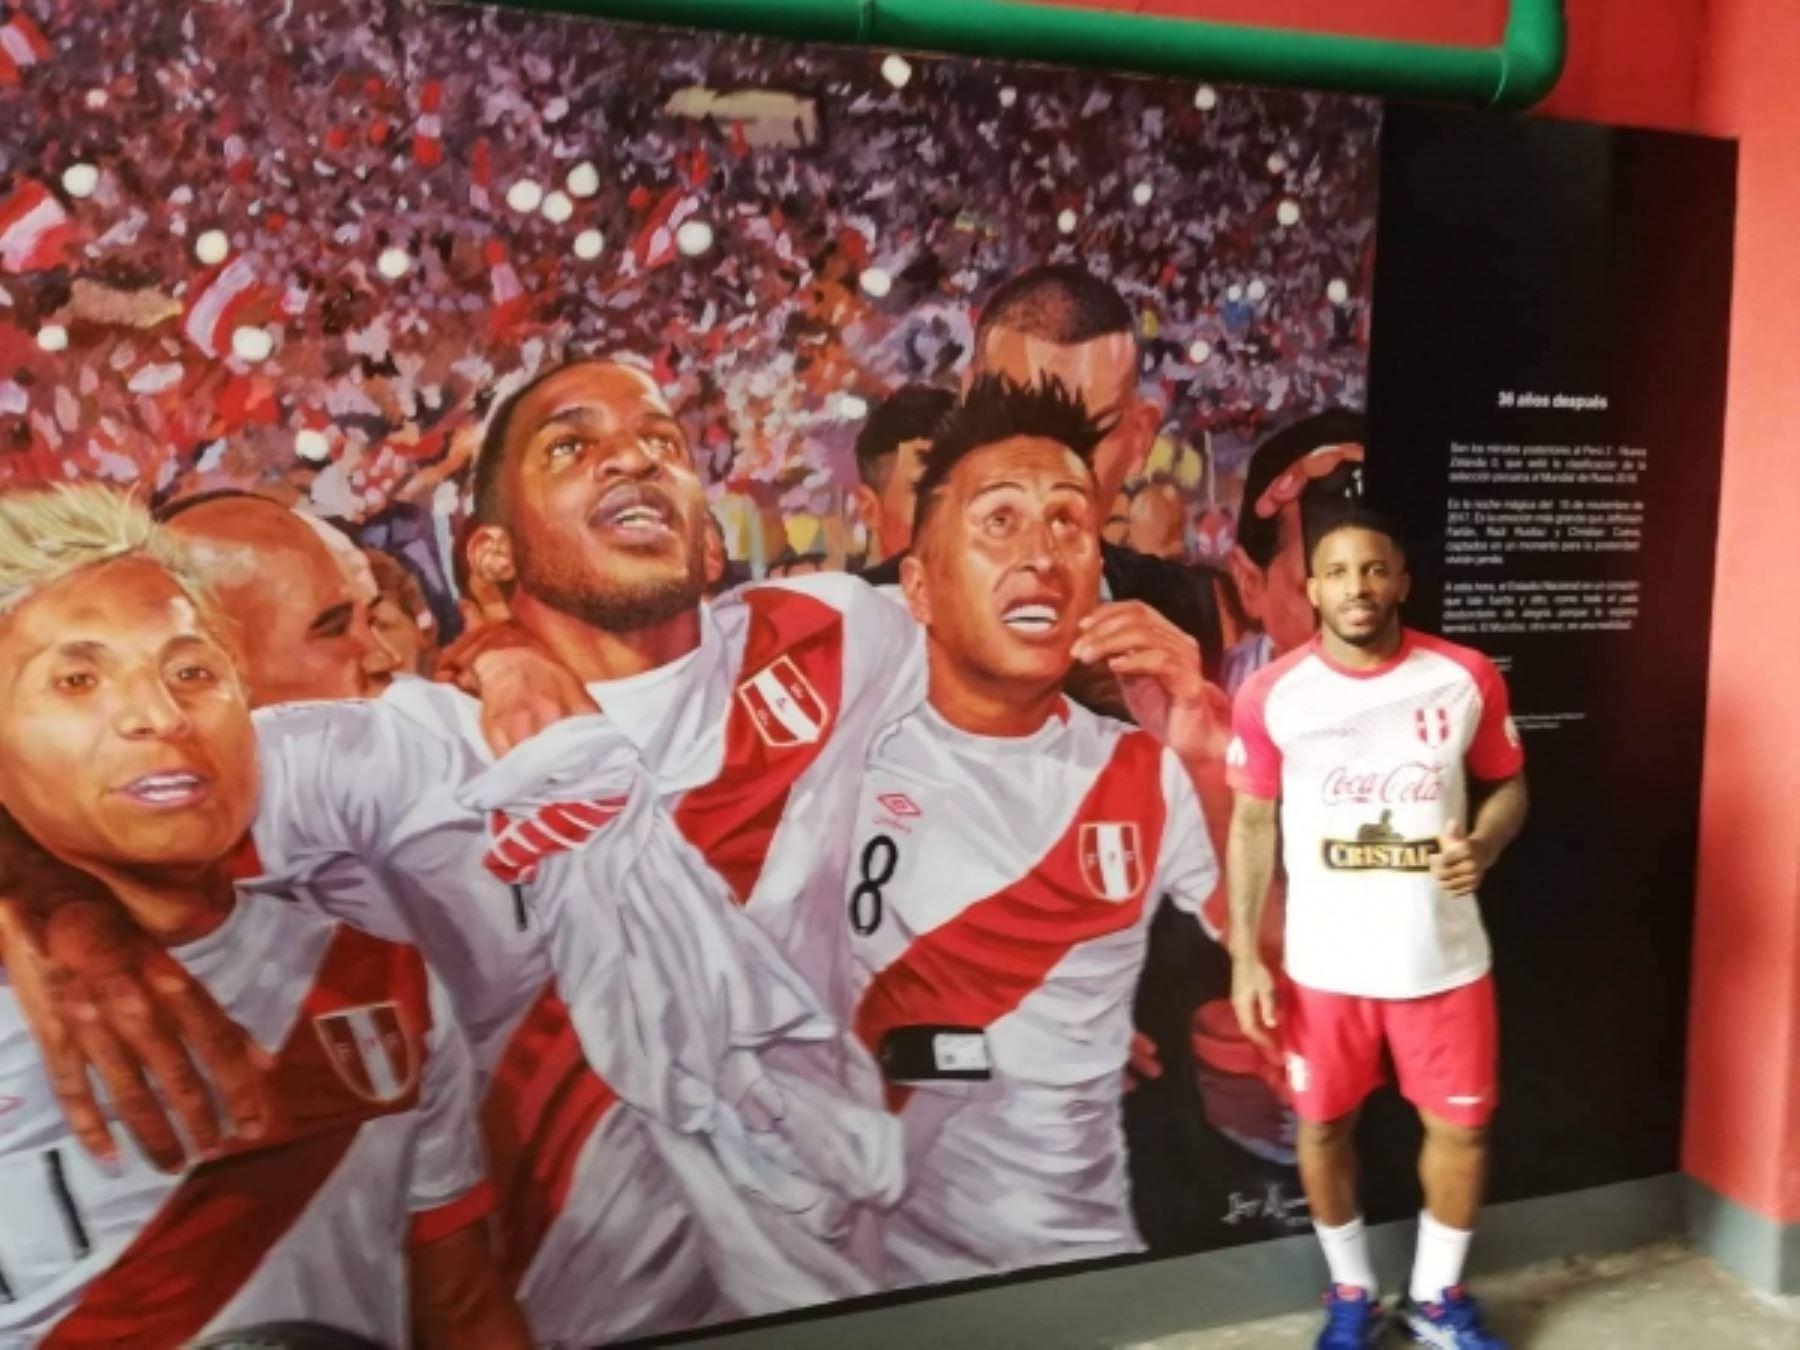 Perú: Selección Peruana y su mural por clasificar al Mundial de Rusia 2018